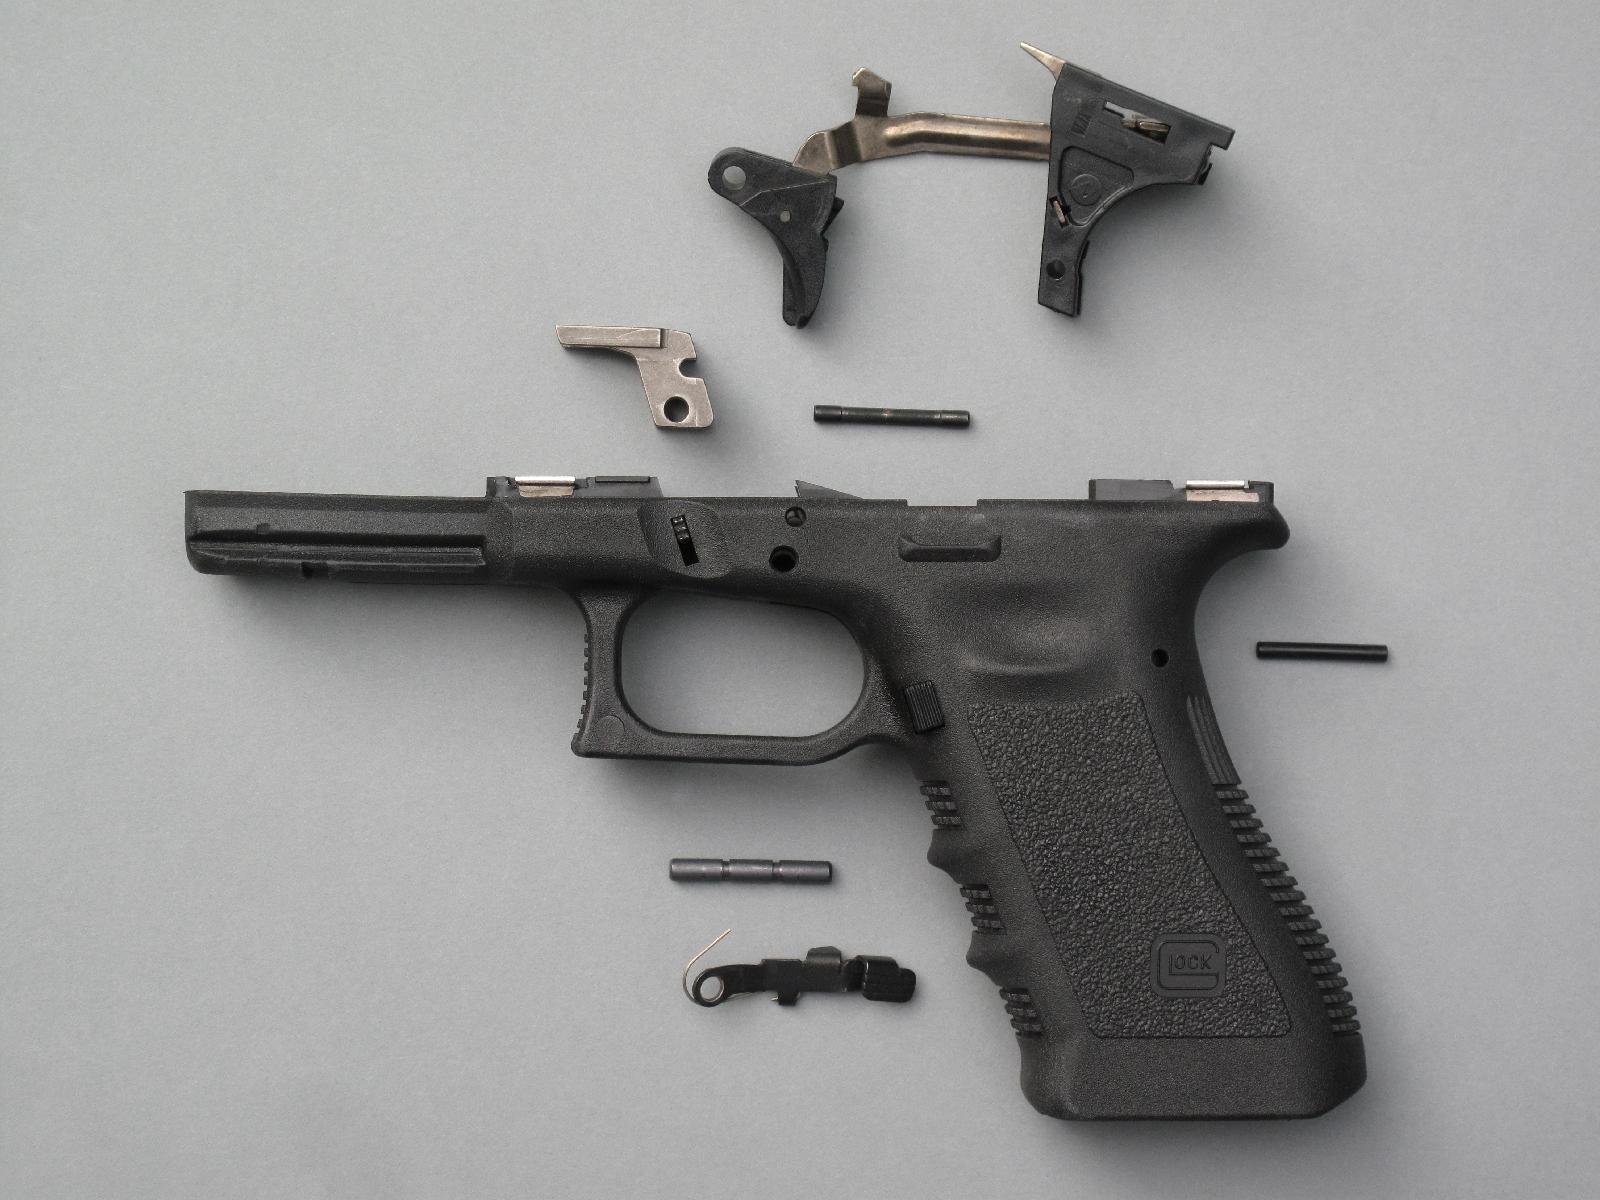 Il suffit, pour déposer le mécanisme de détente du Glock, de chasser trois goupilles transversales (deux goupilles sur les modèles Gen1 et Gen2). Cette opération s'effectue à l'aide d'un chasse-goupille, mais sans avoir besoin de le frapper avec un maillet !